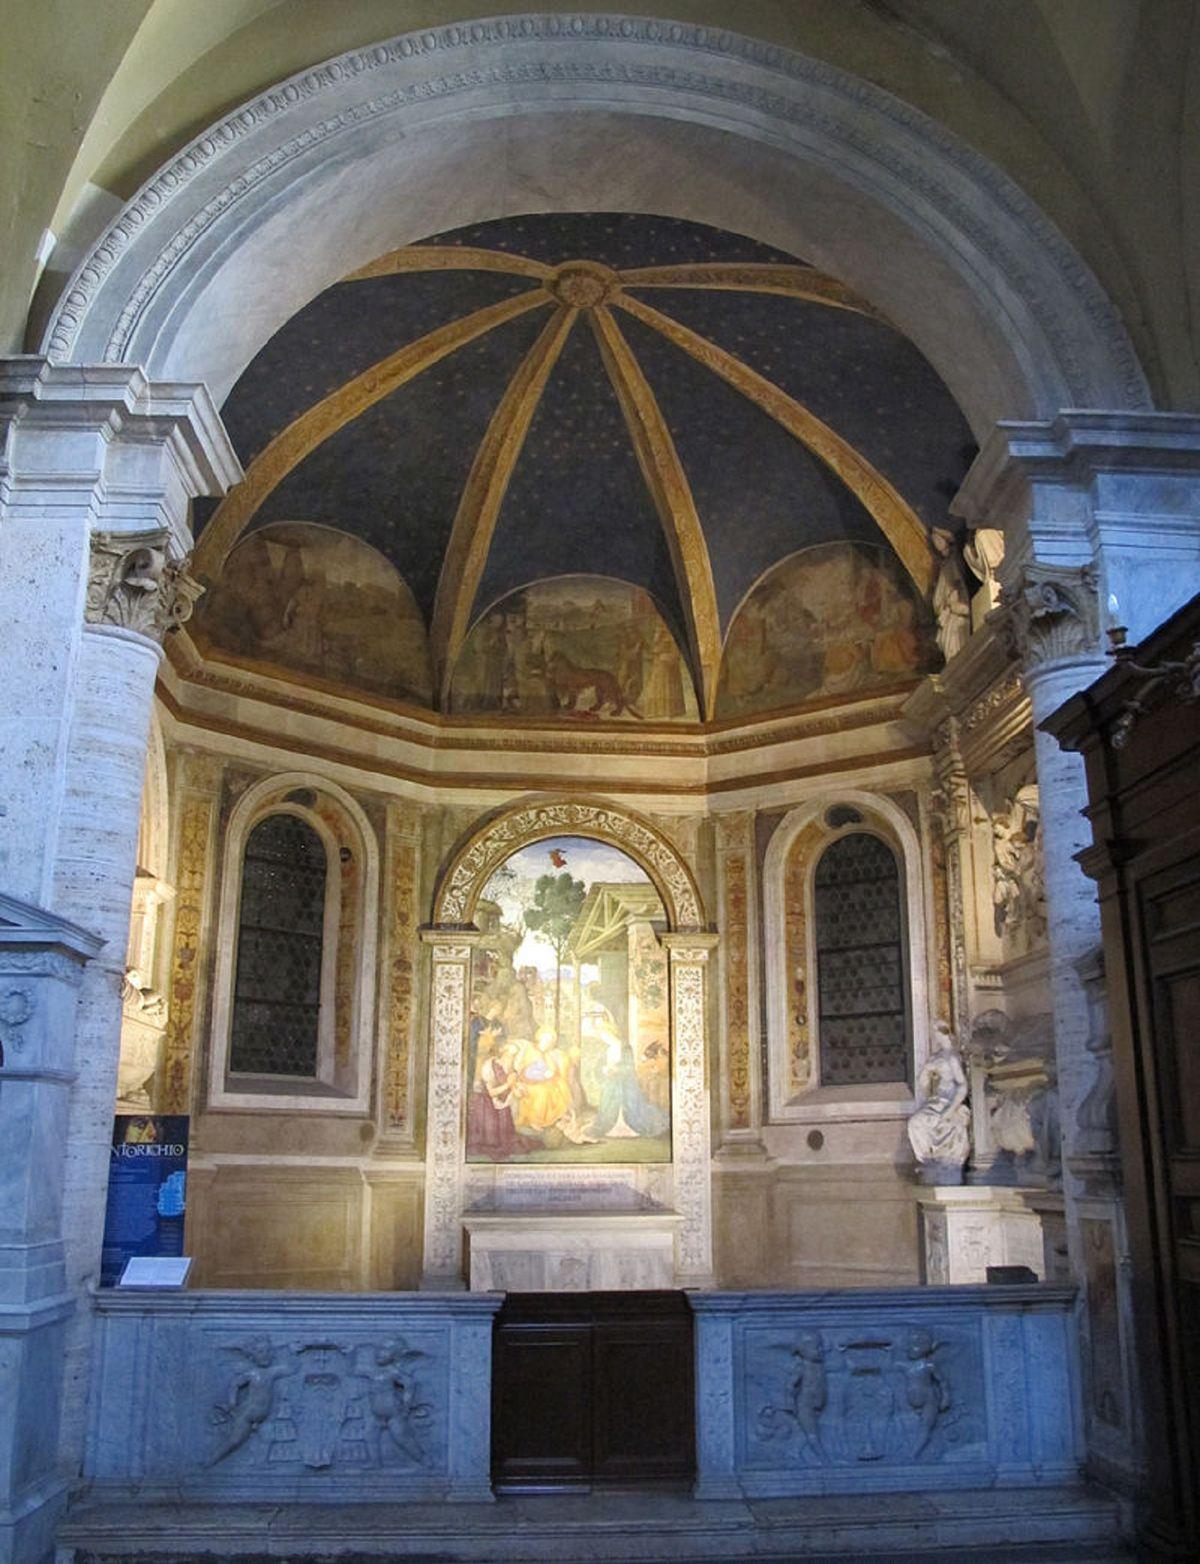 800px-Cappella_del_presepe_02